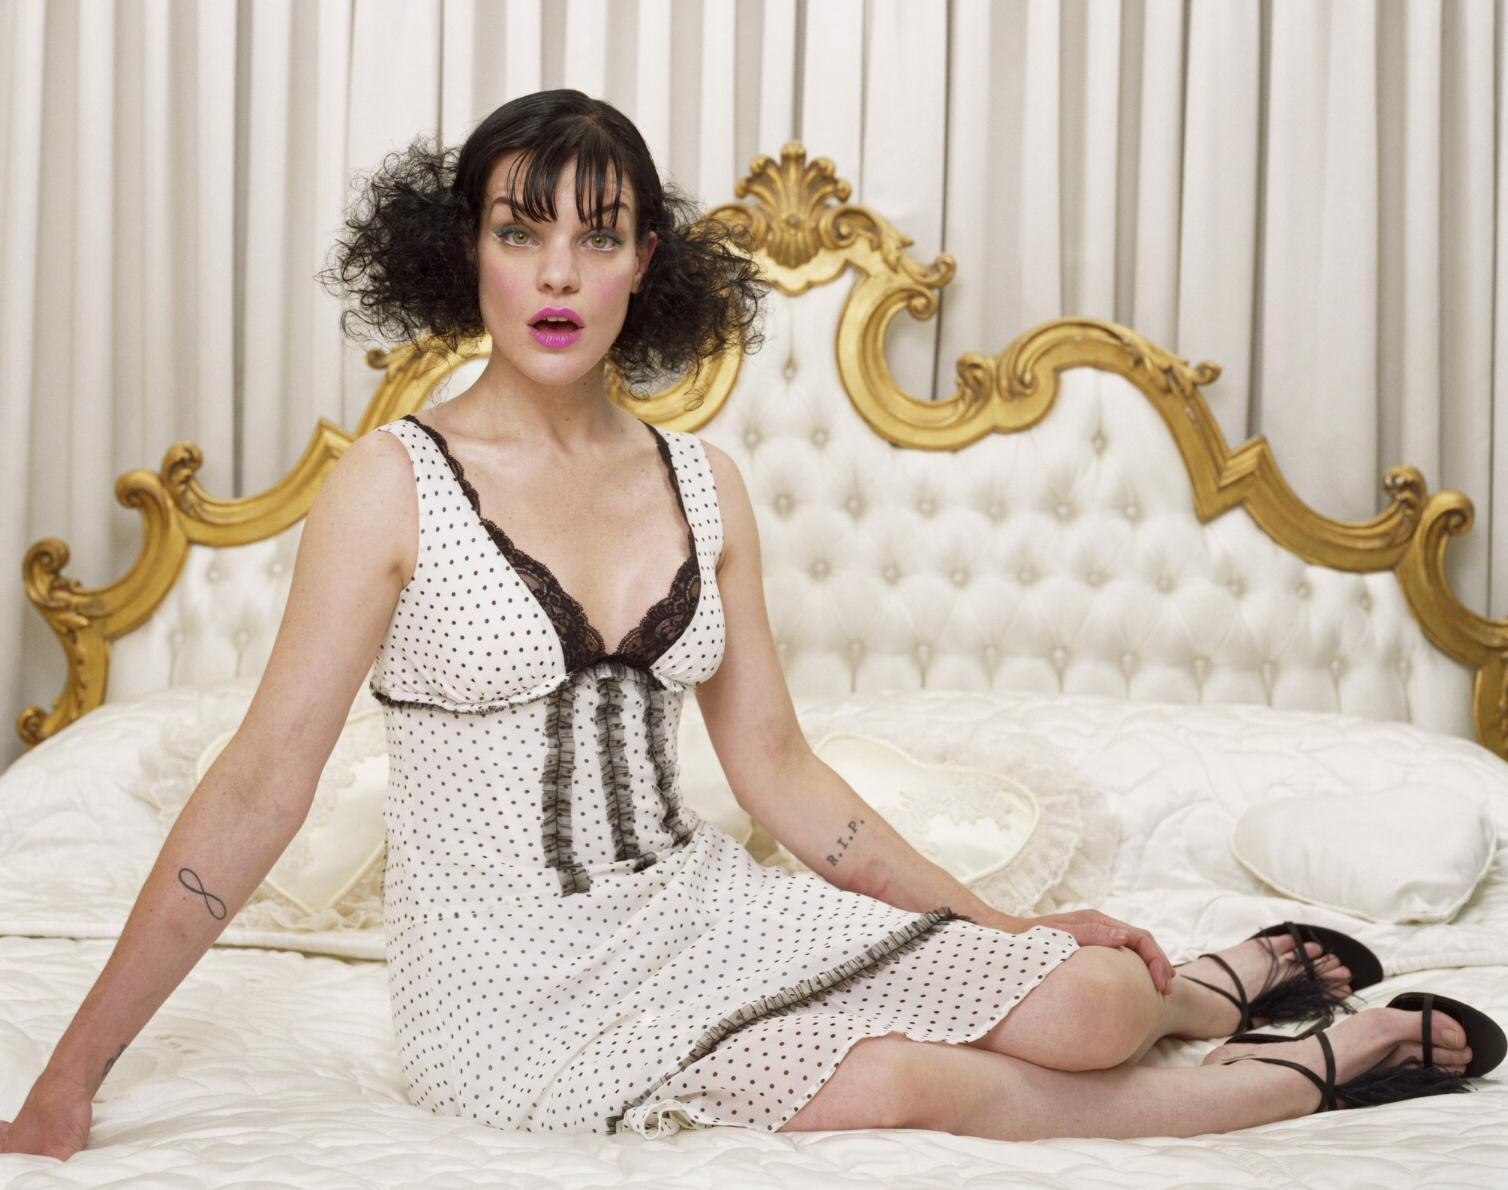 Pauley Perrette Desnuda Abby Sciuto Nos Invita A Descubrir Sus